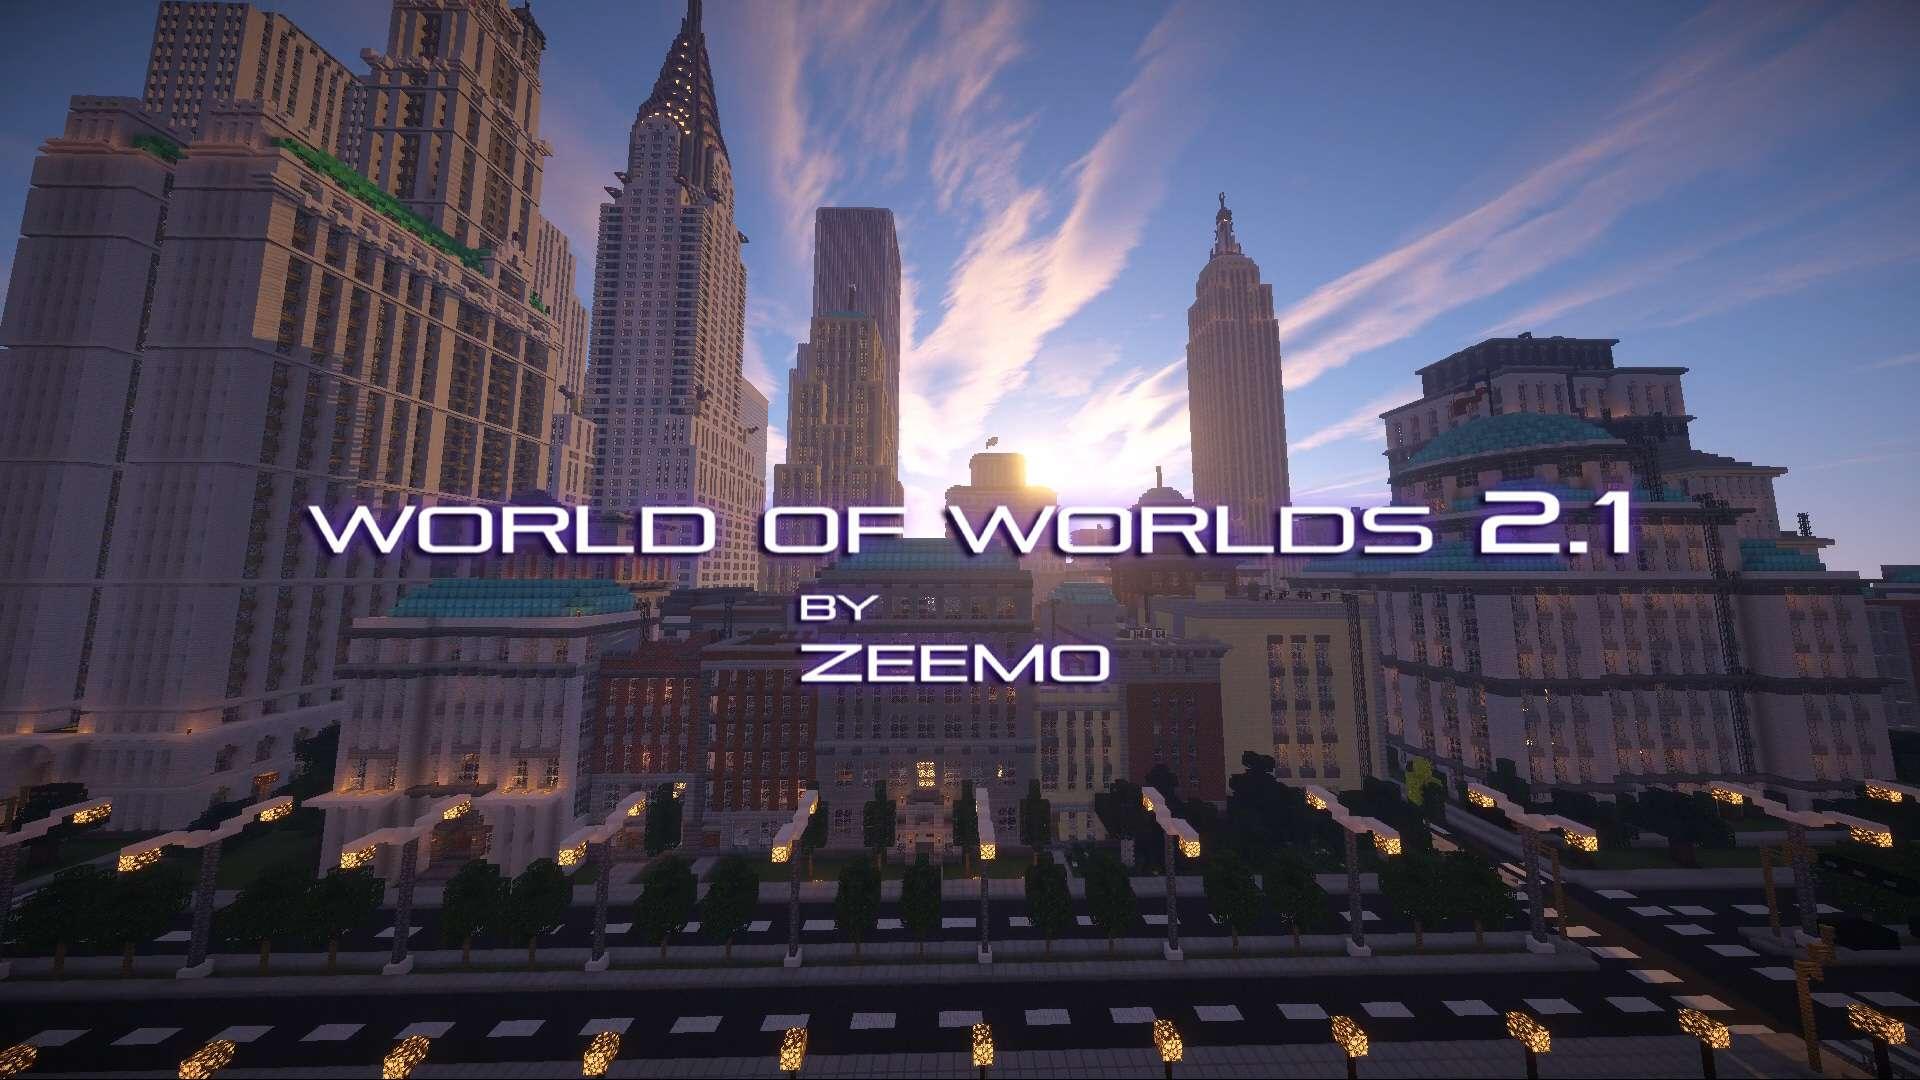 World of Worlds 2.1 update